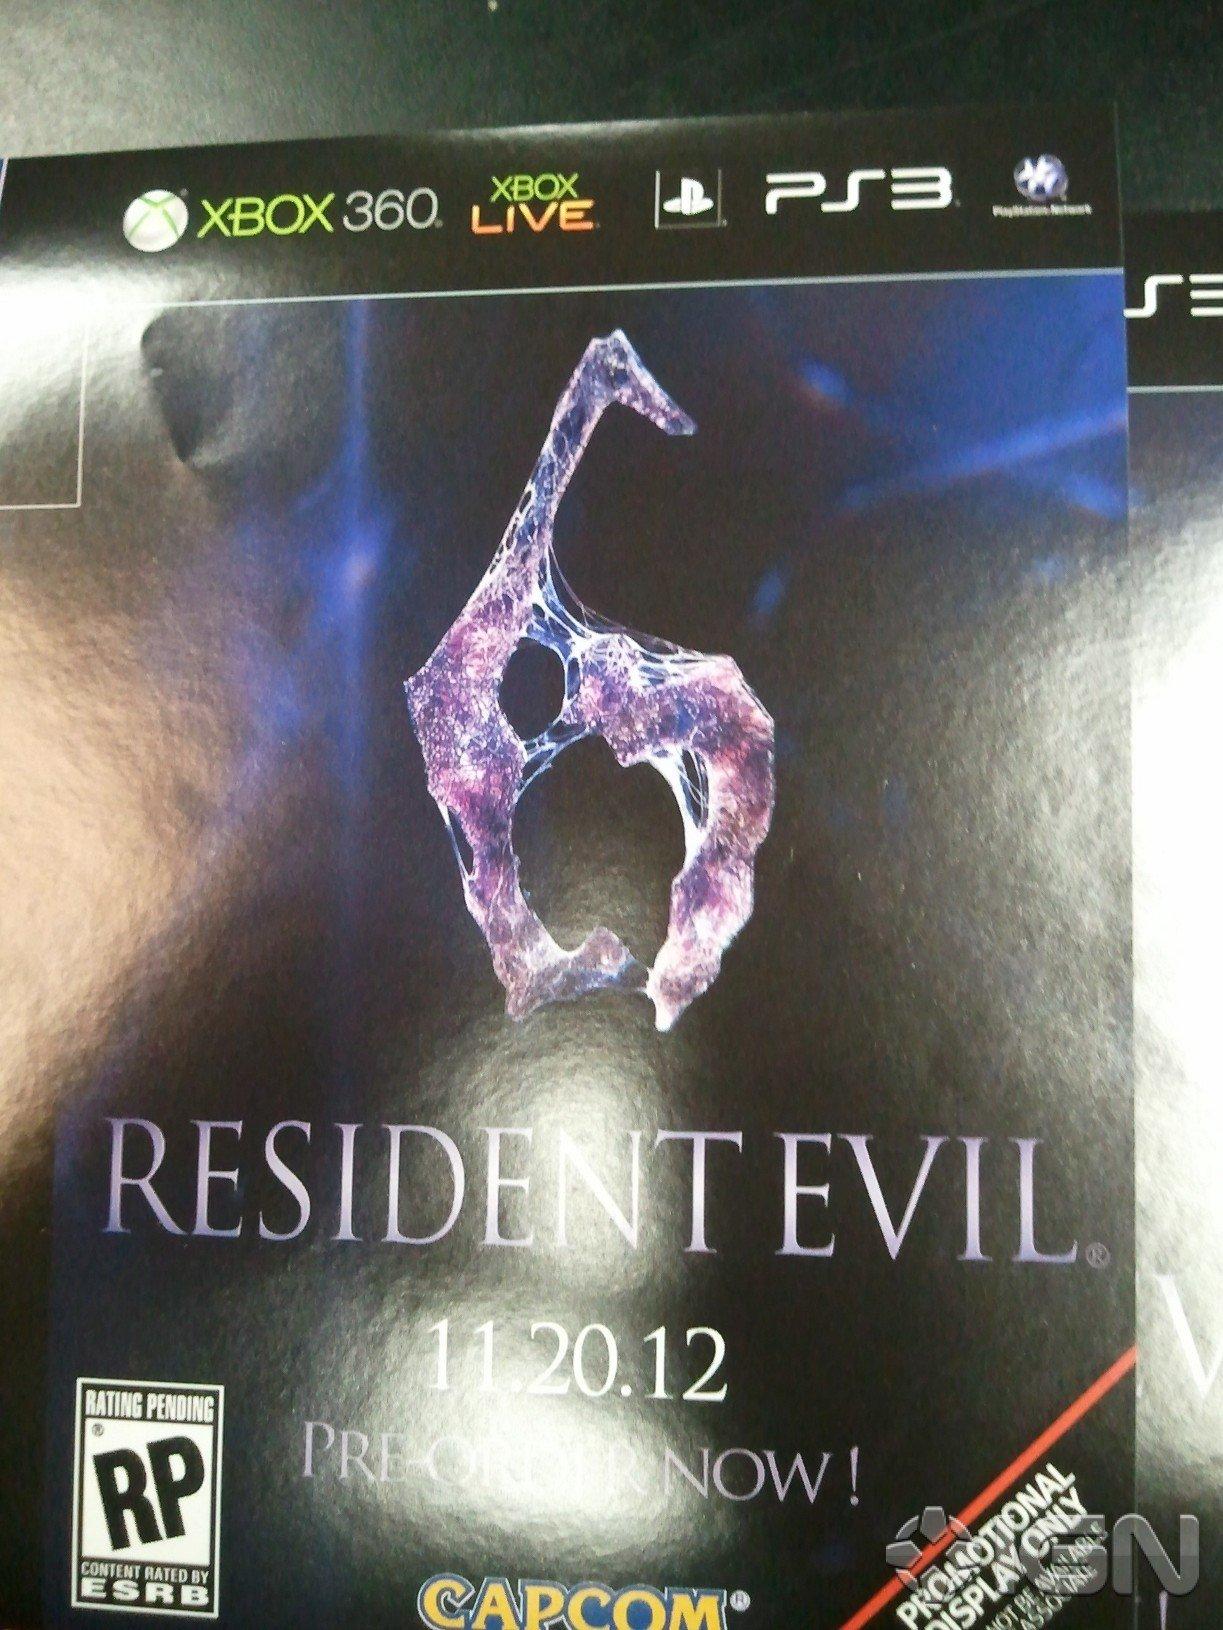 Некий источник сфотографировал промо-щиты с рекламой Resident Evil 6, которые якобы направлялись в Gamestop, дабы по ... - Изображение 1